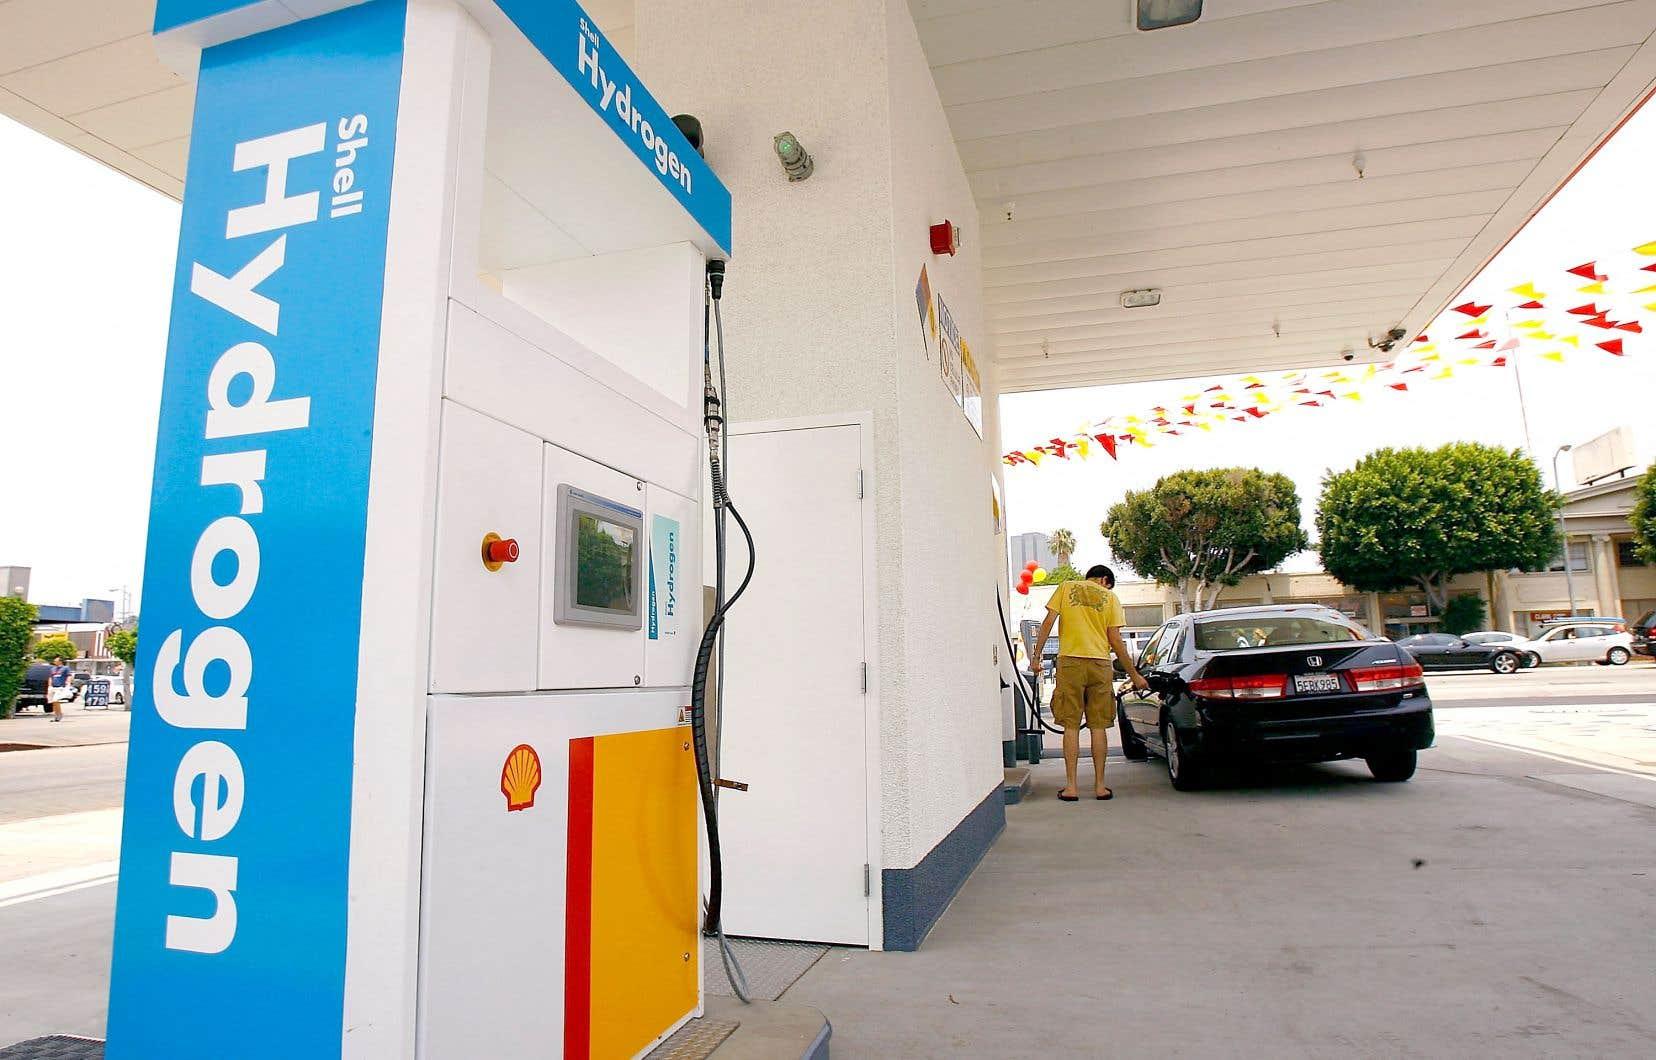 En Californie, une quarantaine de stations de ravitaillement d'hydrogène ont été installées pour encourager l'achat de véhicules à hydrogène. L'État a d'ailleurs pour ambition d'avoir du transport lourd entièrement propre d'ici 2045.